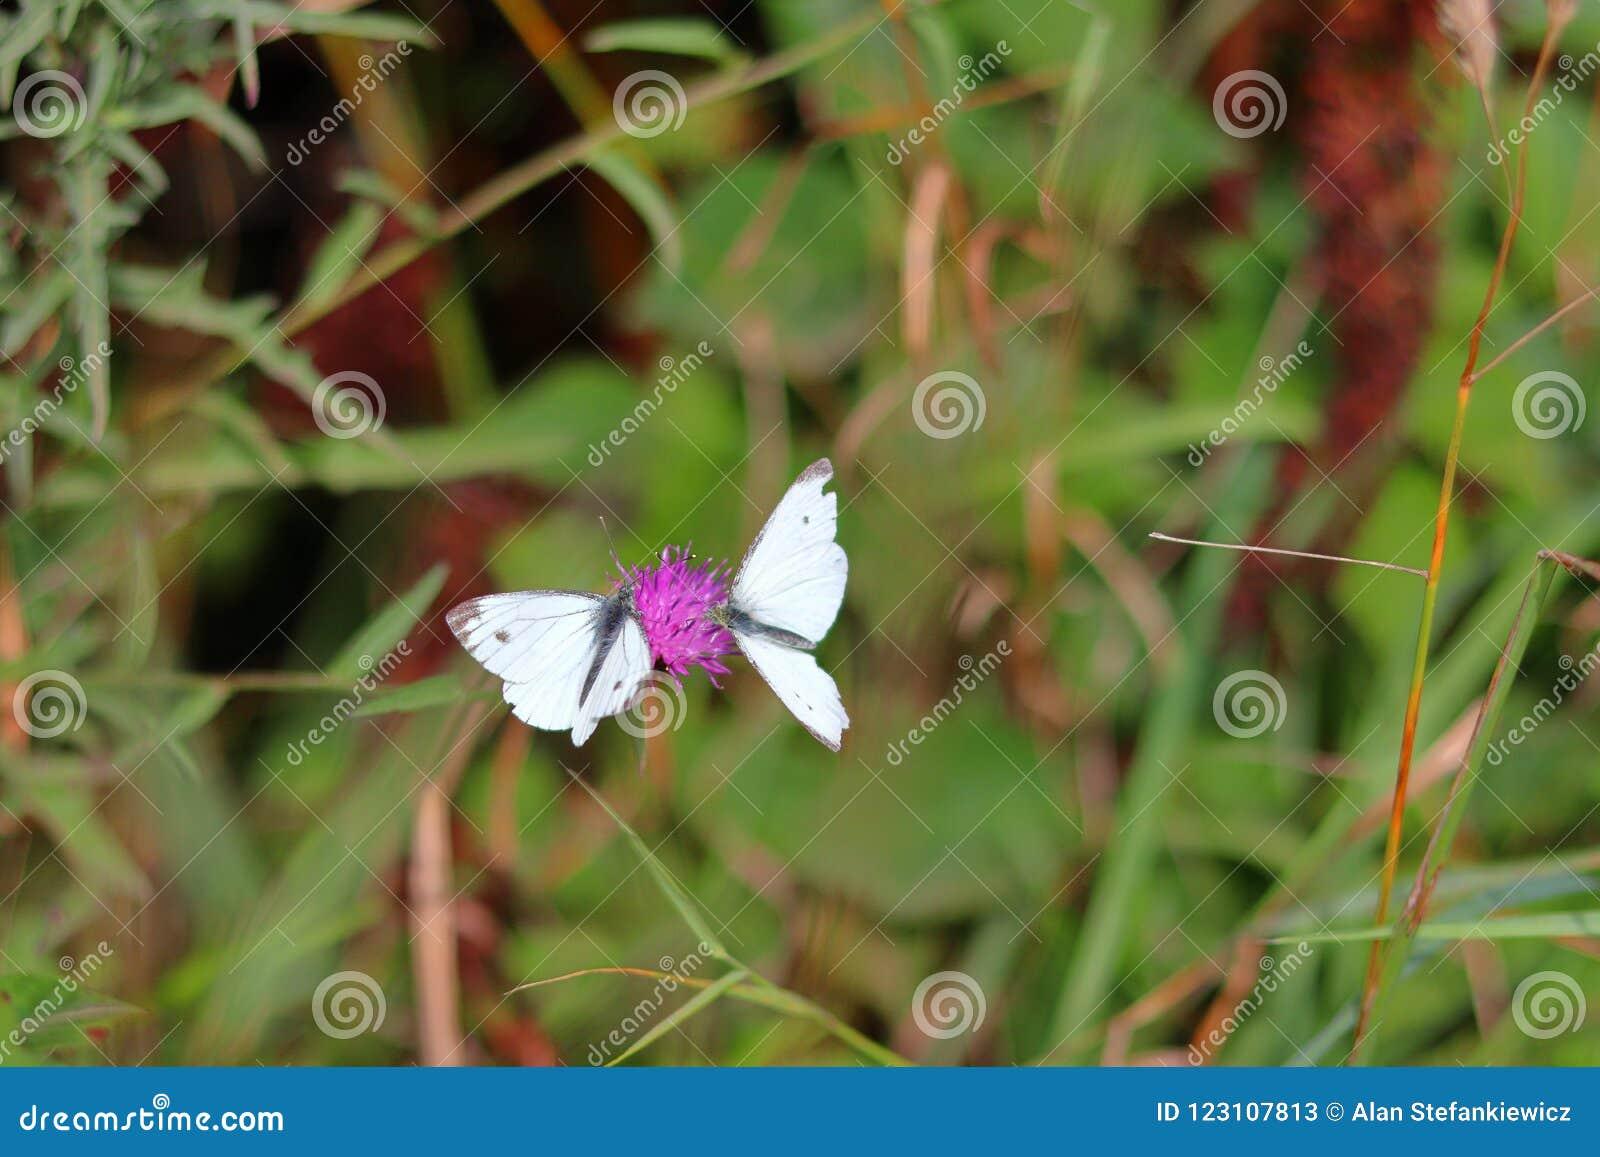 Zwei Basisrecheneinheiten auf der Blume